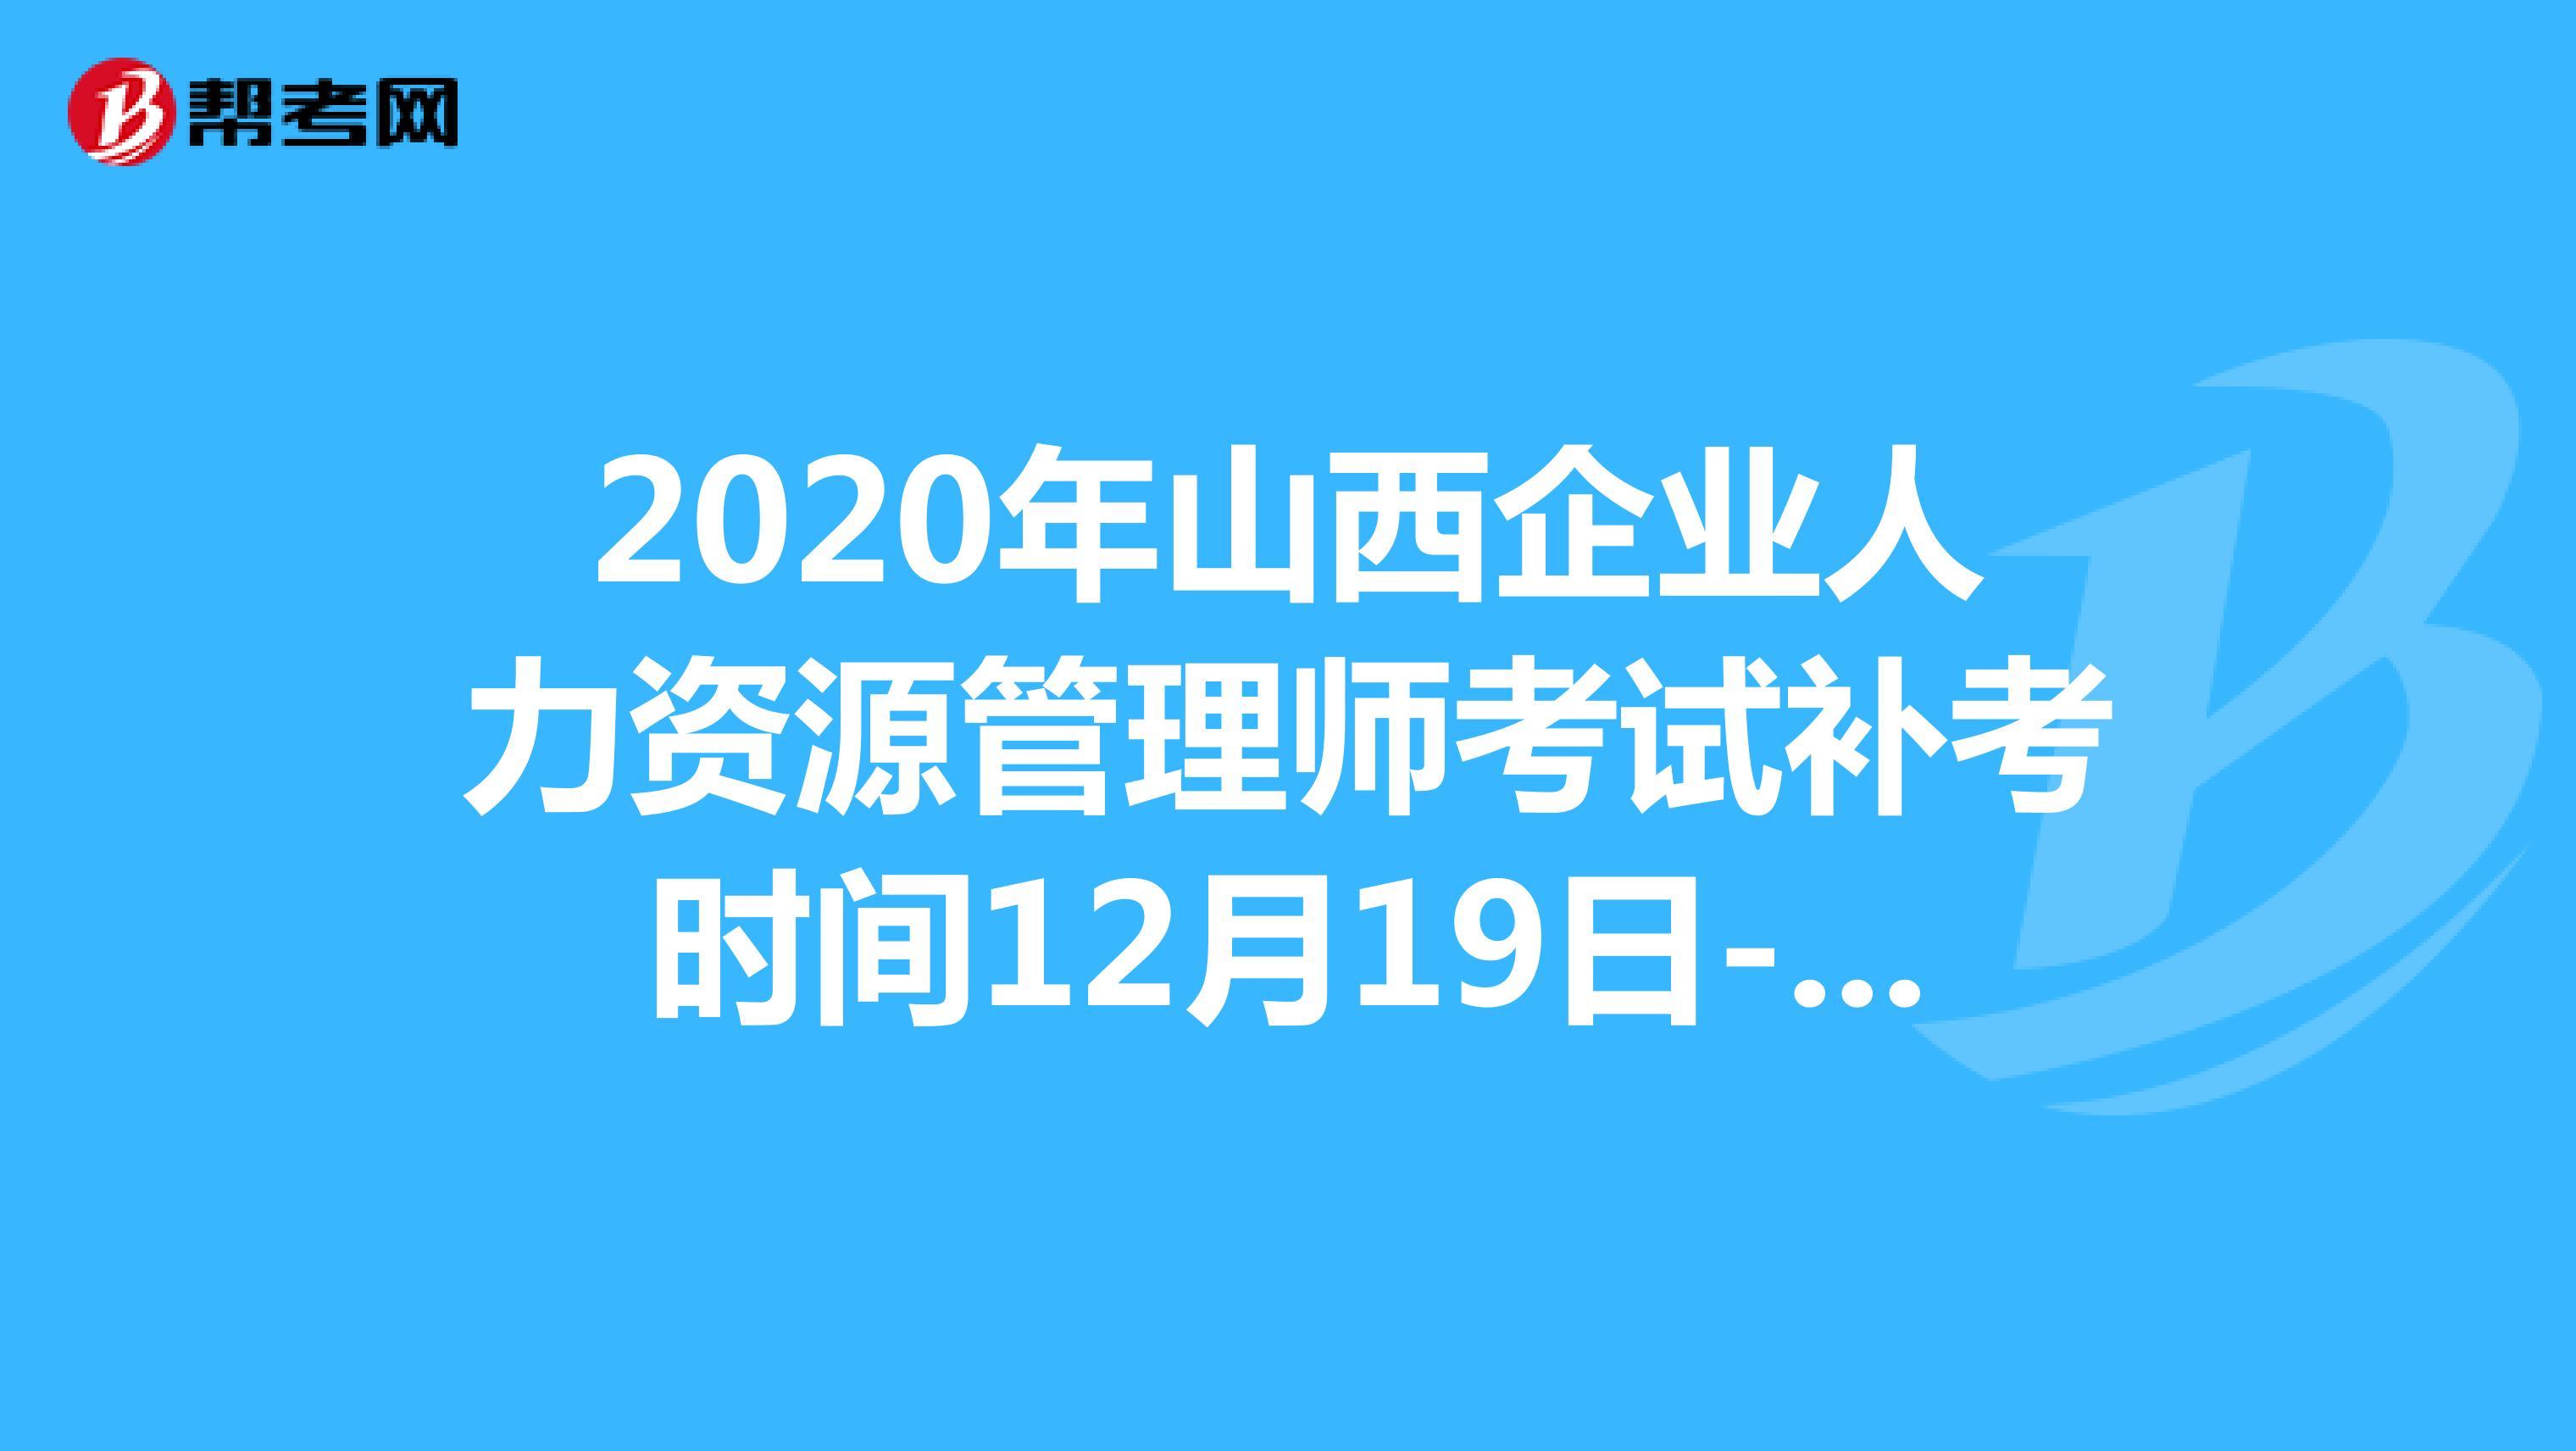 2020年山西企業人力資源管理師考試補考時間12月19日-20日!